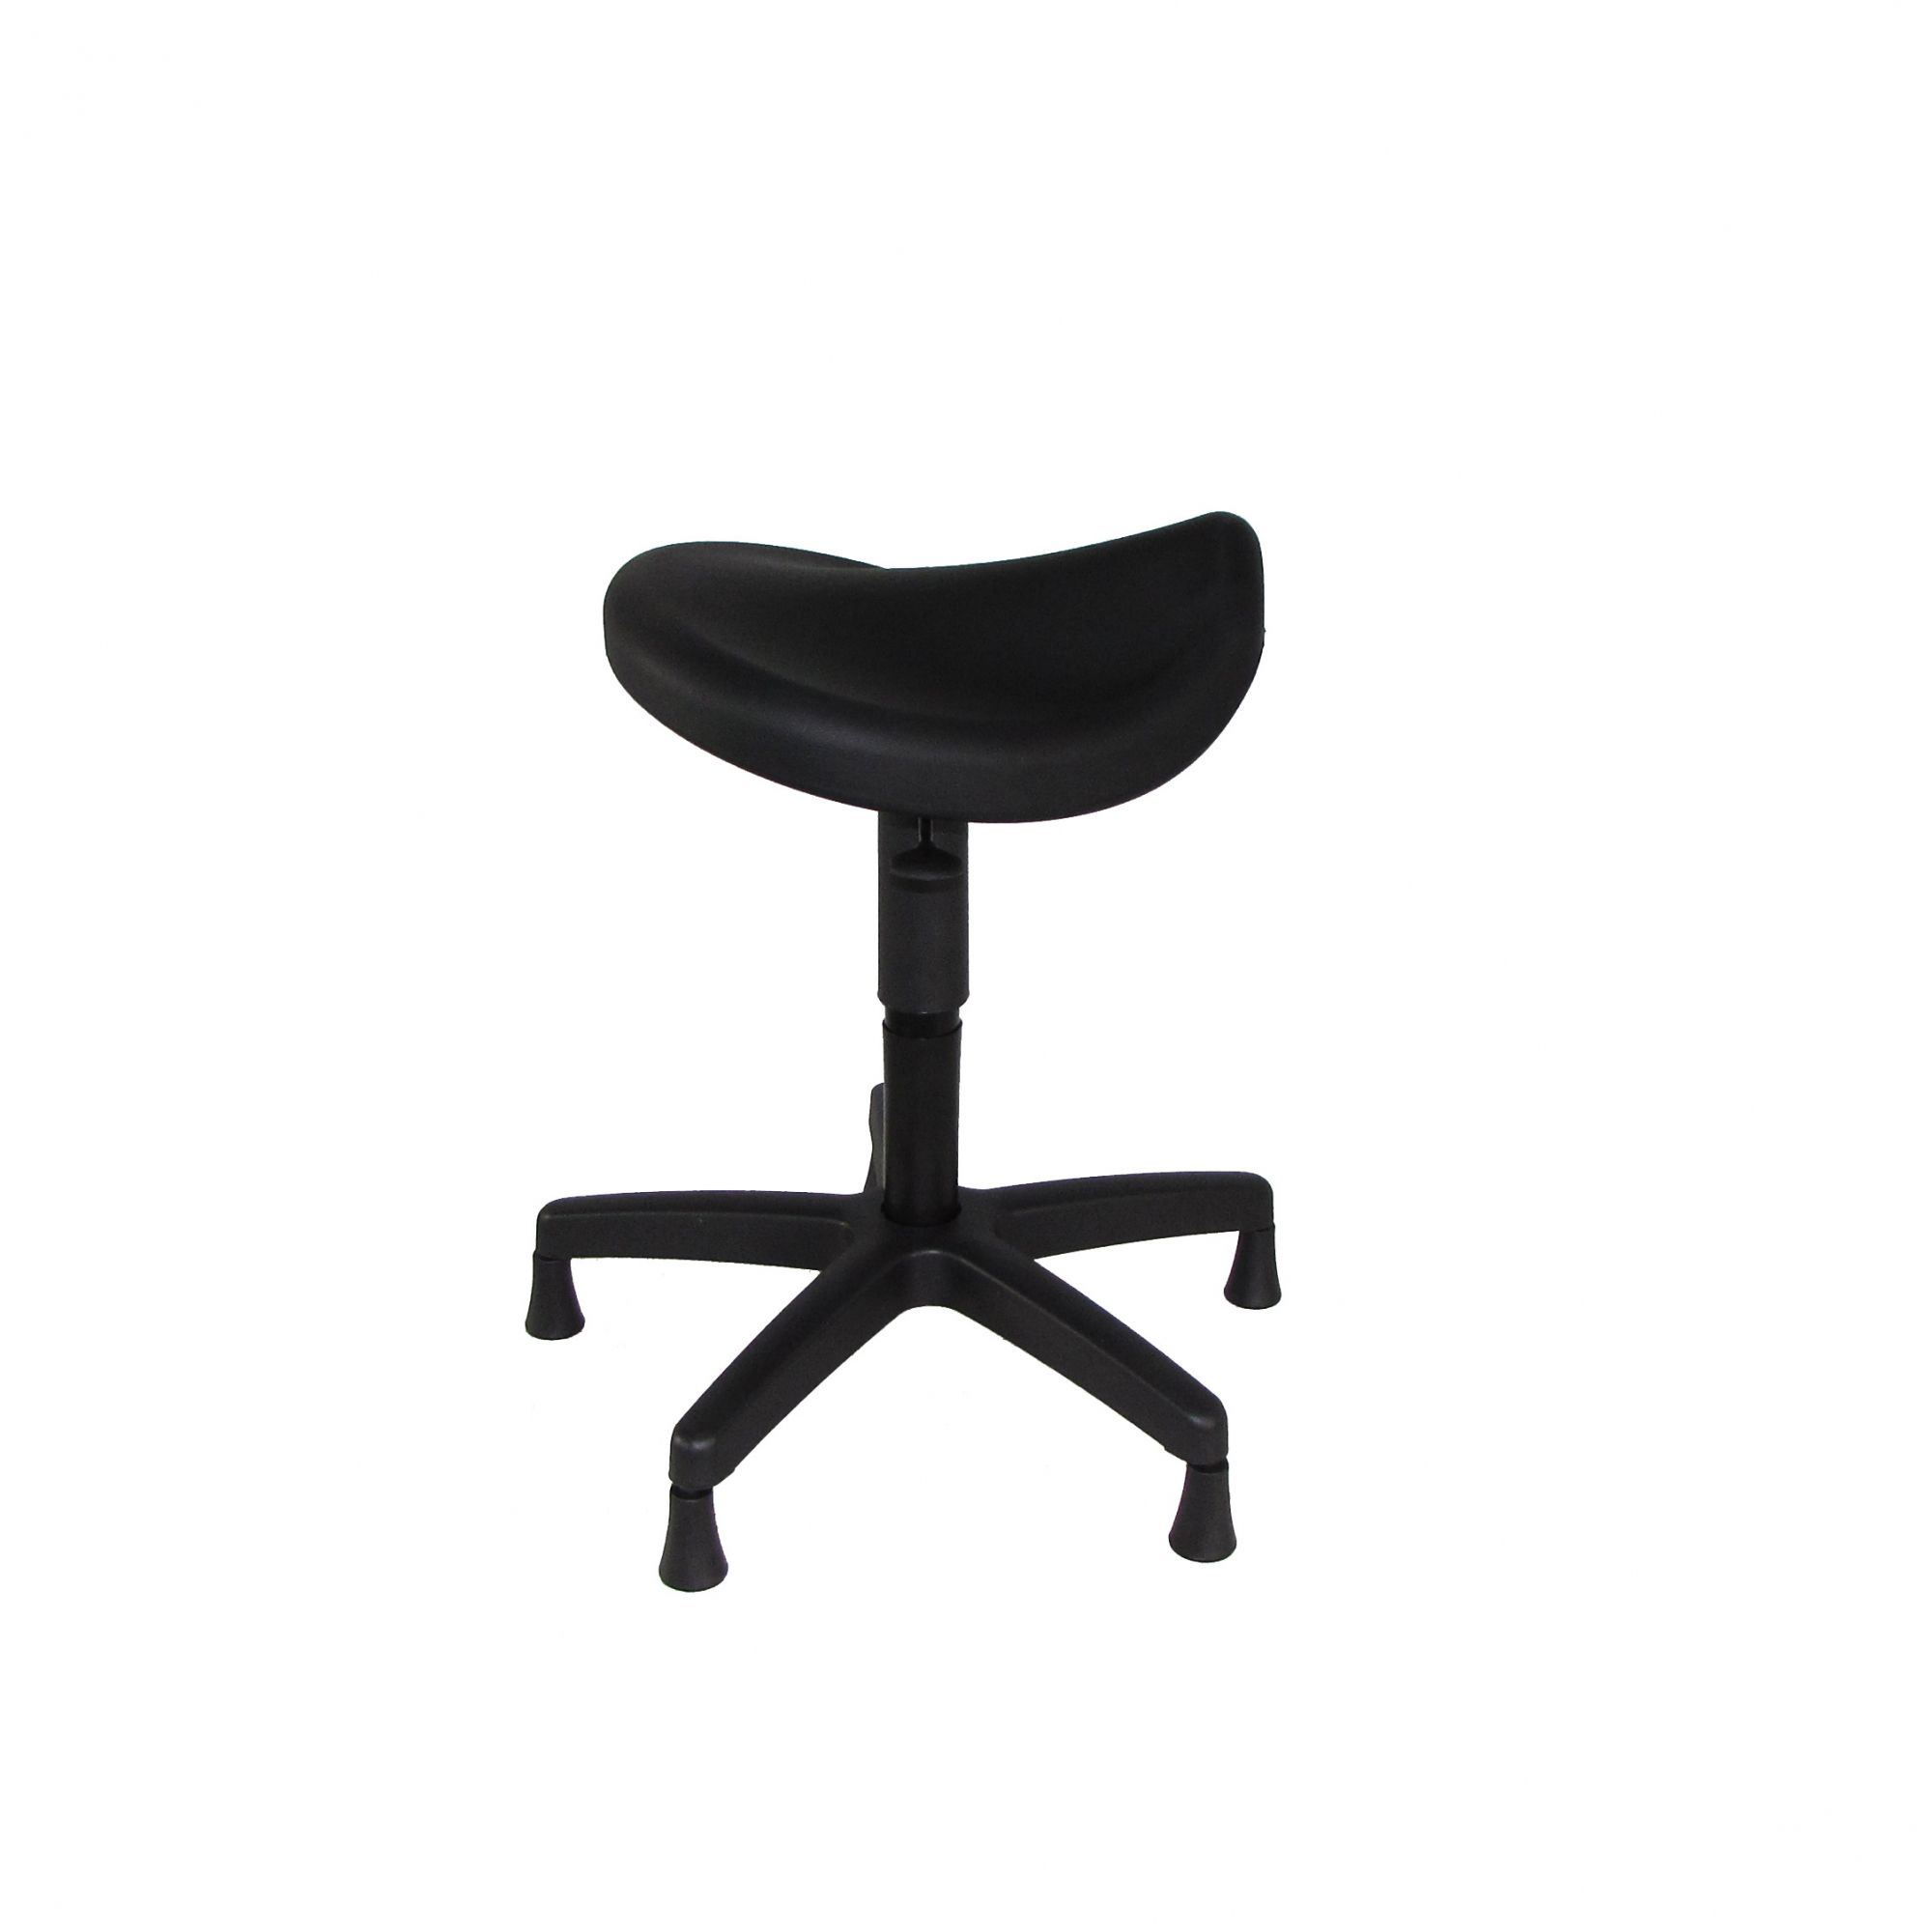 Cadeira Sela com Assento em PU e Pistão Industrial com Sapata